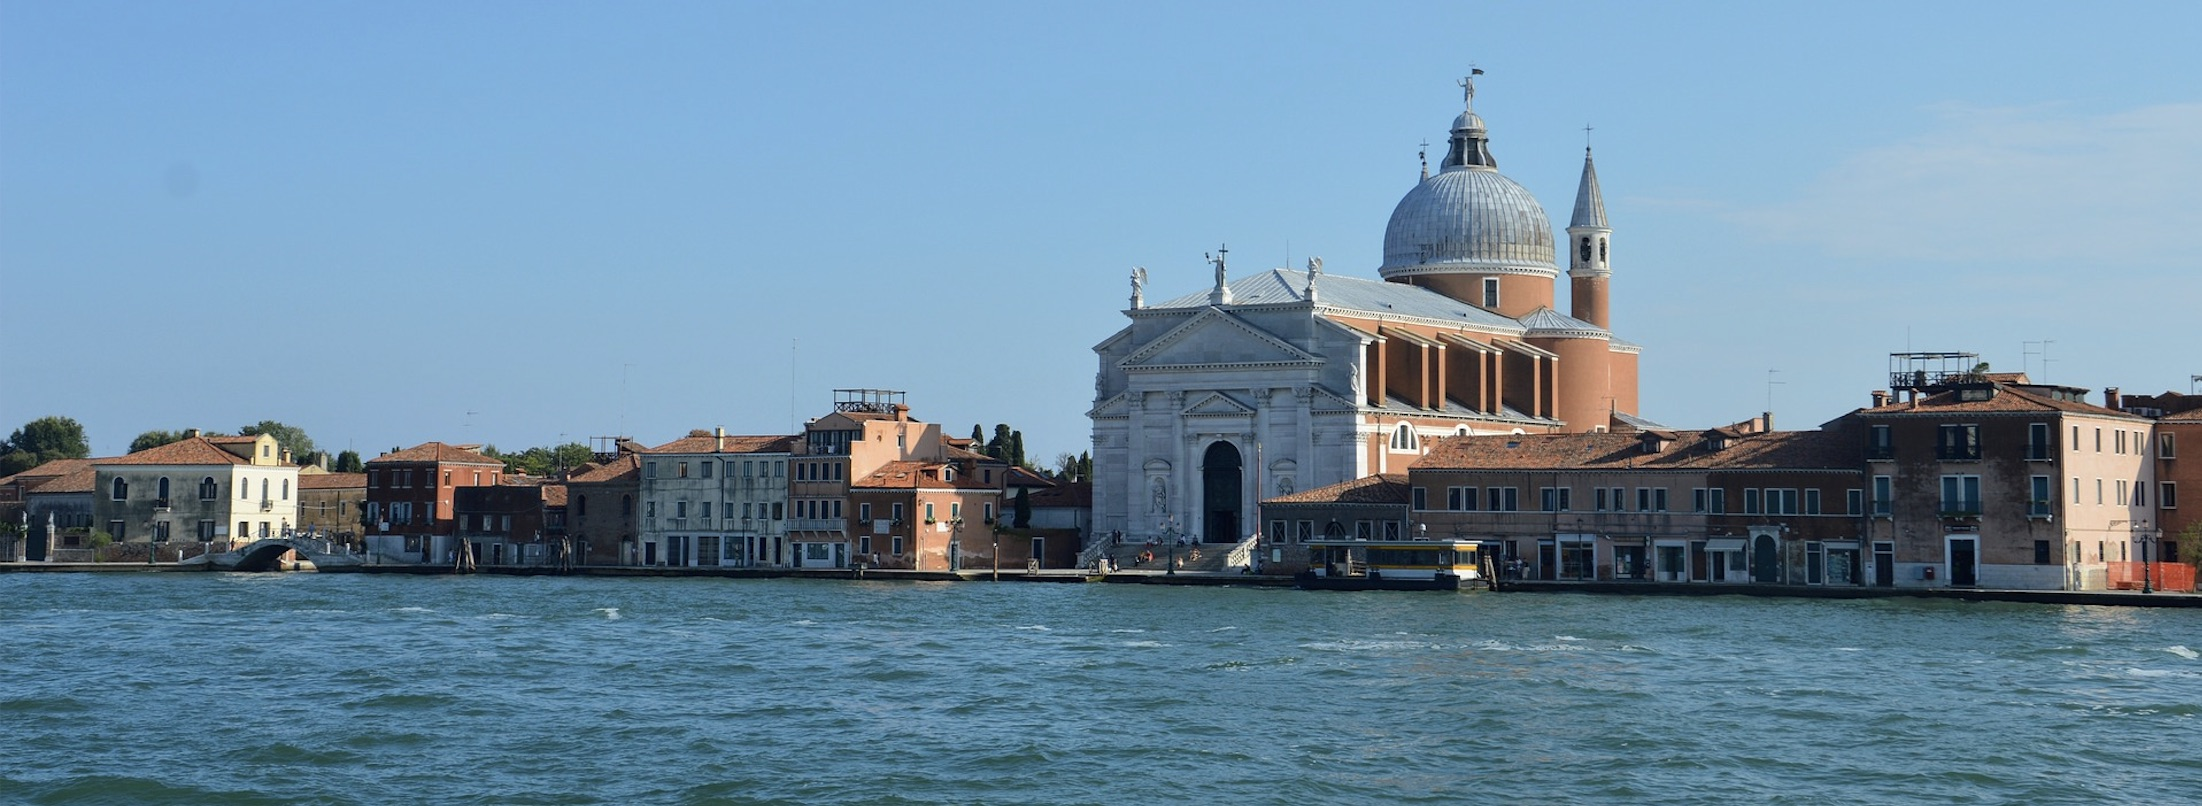 Expériences - Stucka, Locations vacances Italie Venis, Onoliving